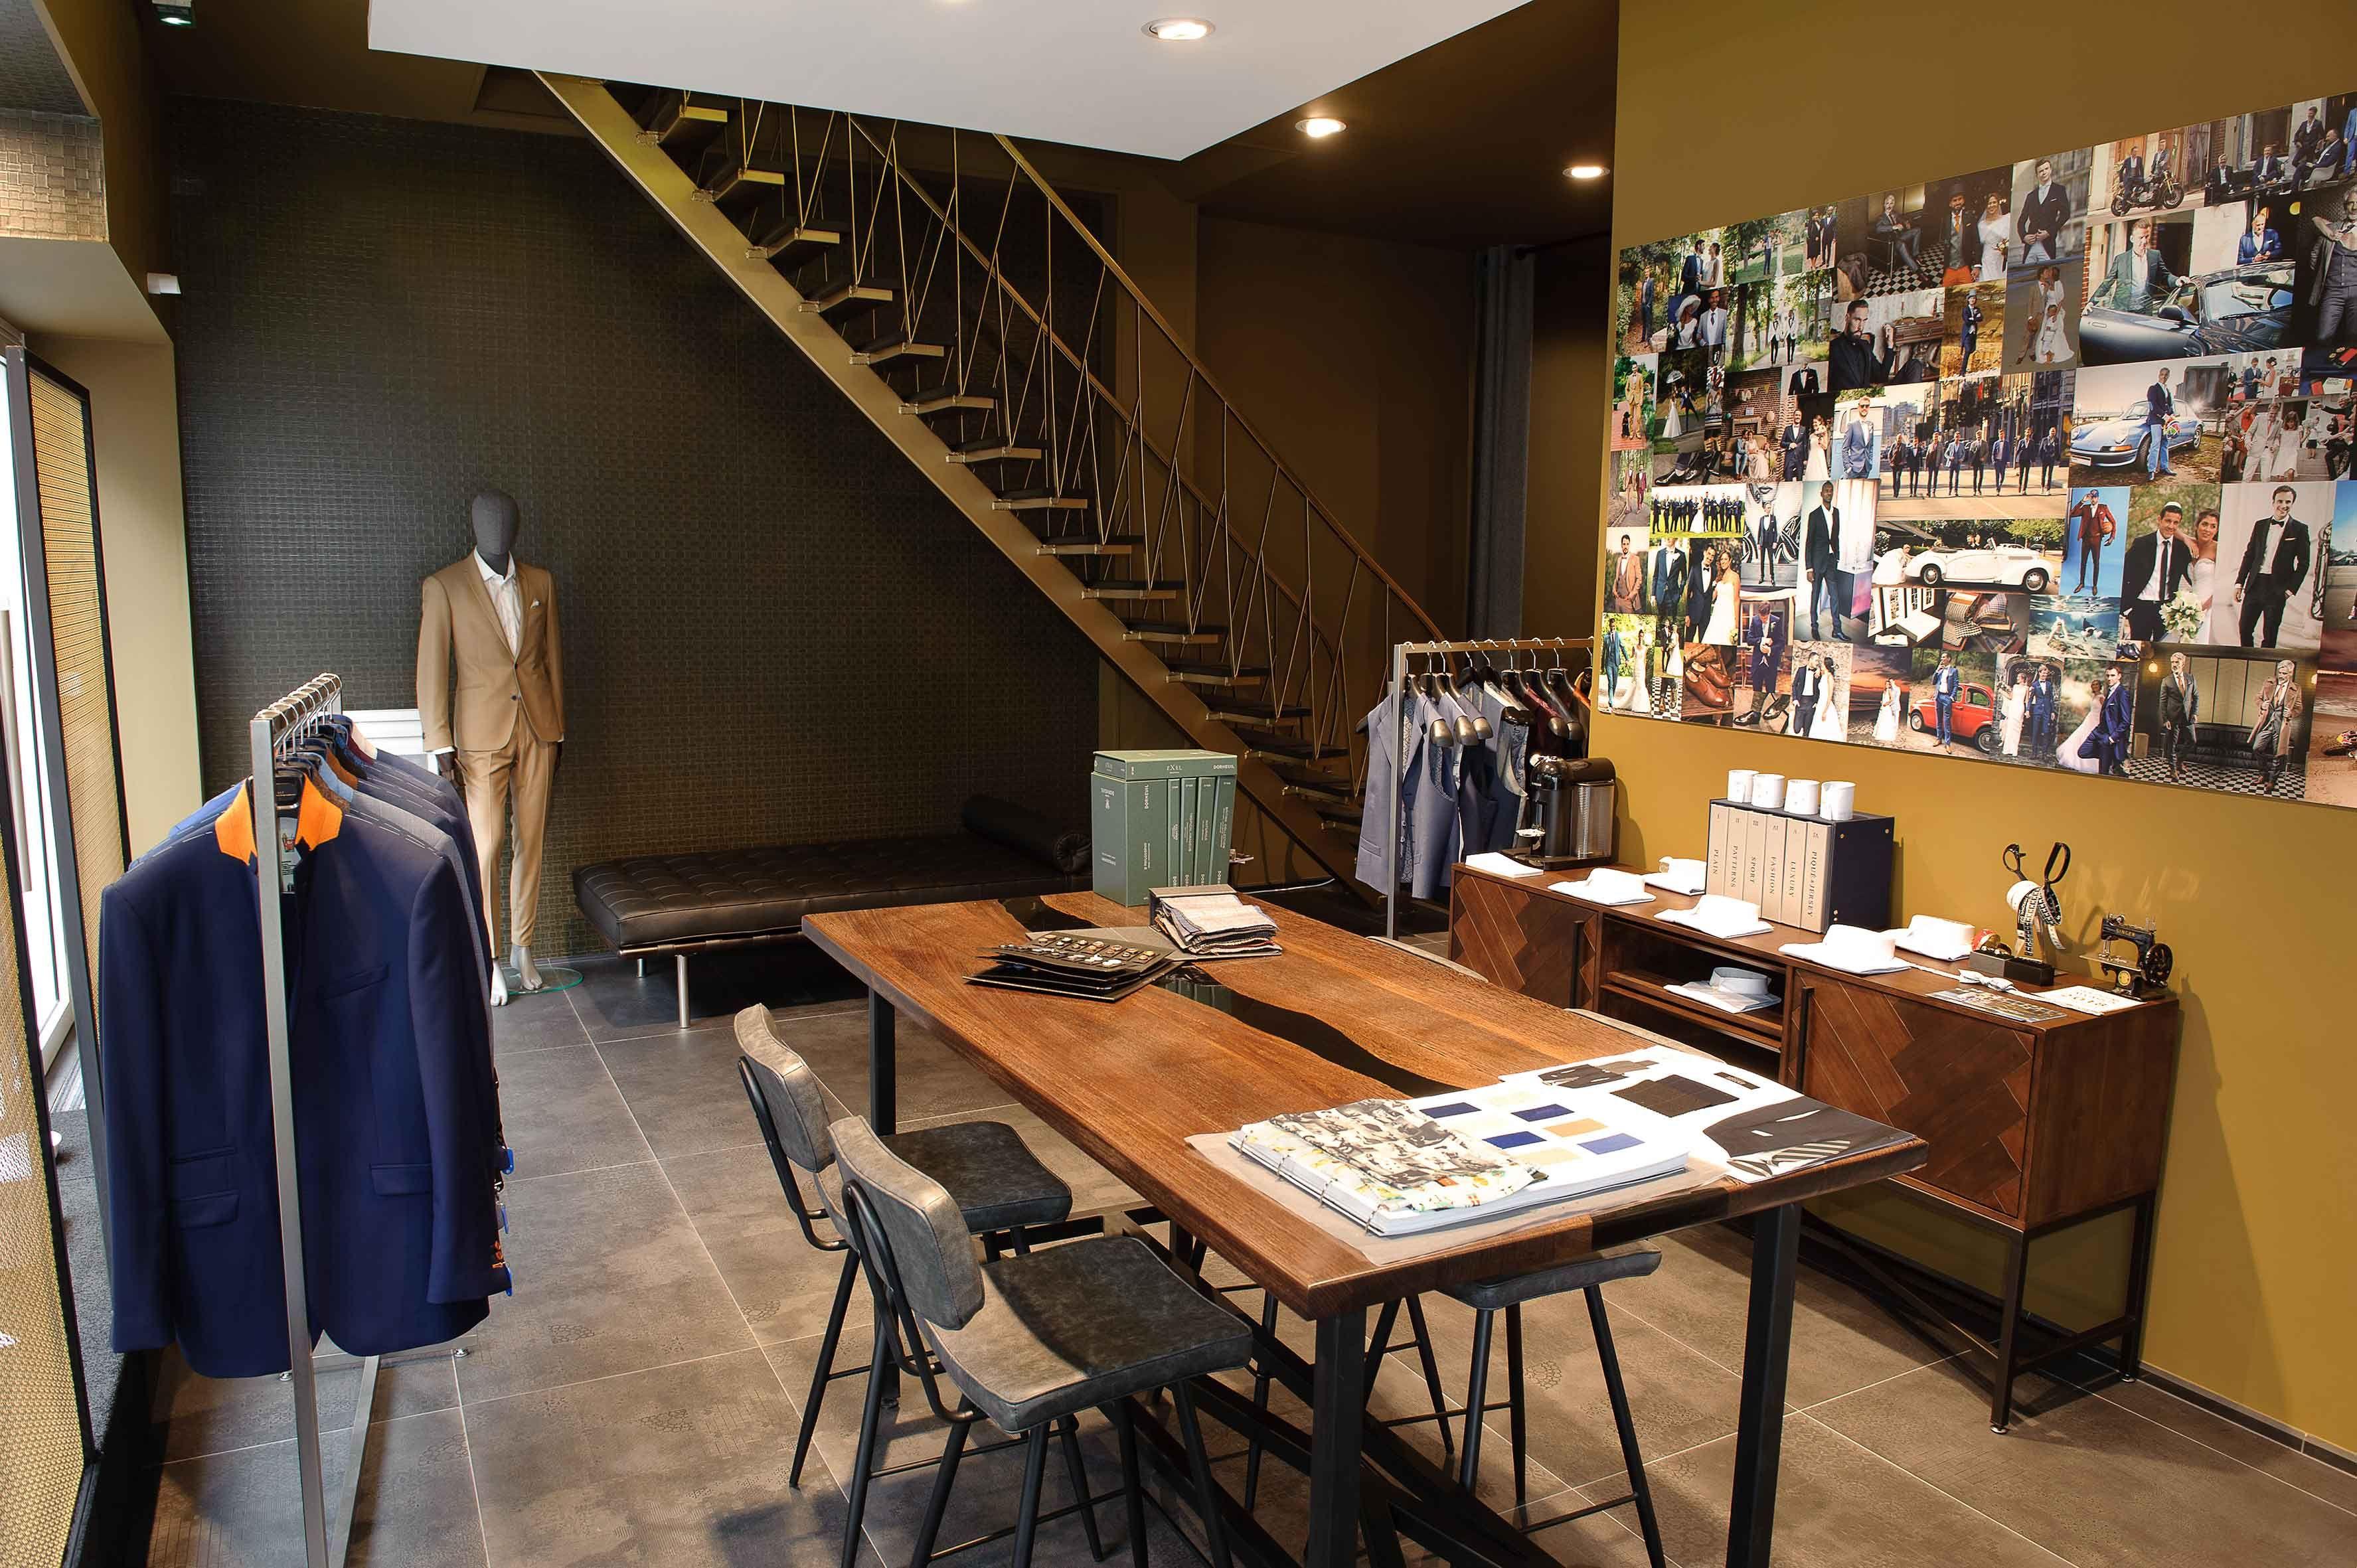 L Atelier 5 Costumes Vetements Sur Mesure Showroom De Nantes Nantes Vetements Sur Mesure Ville France